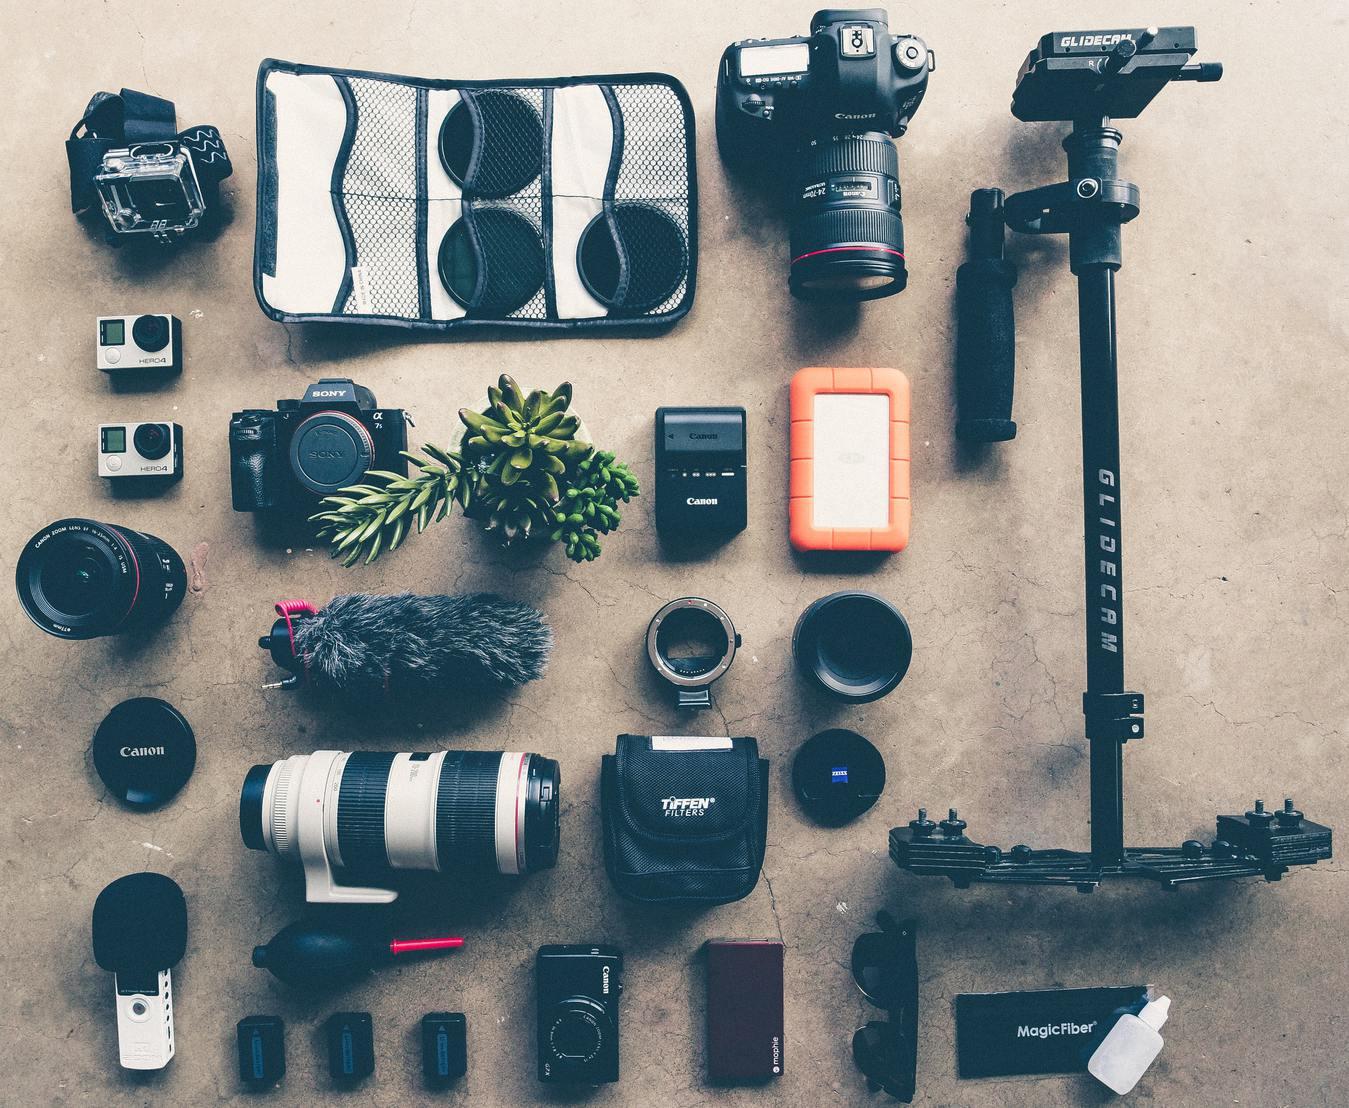 Fotoausrüstung auf dem Boden